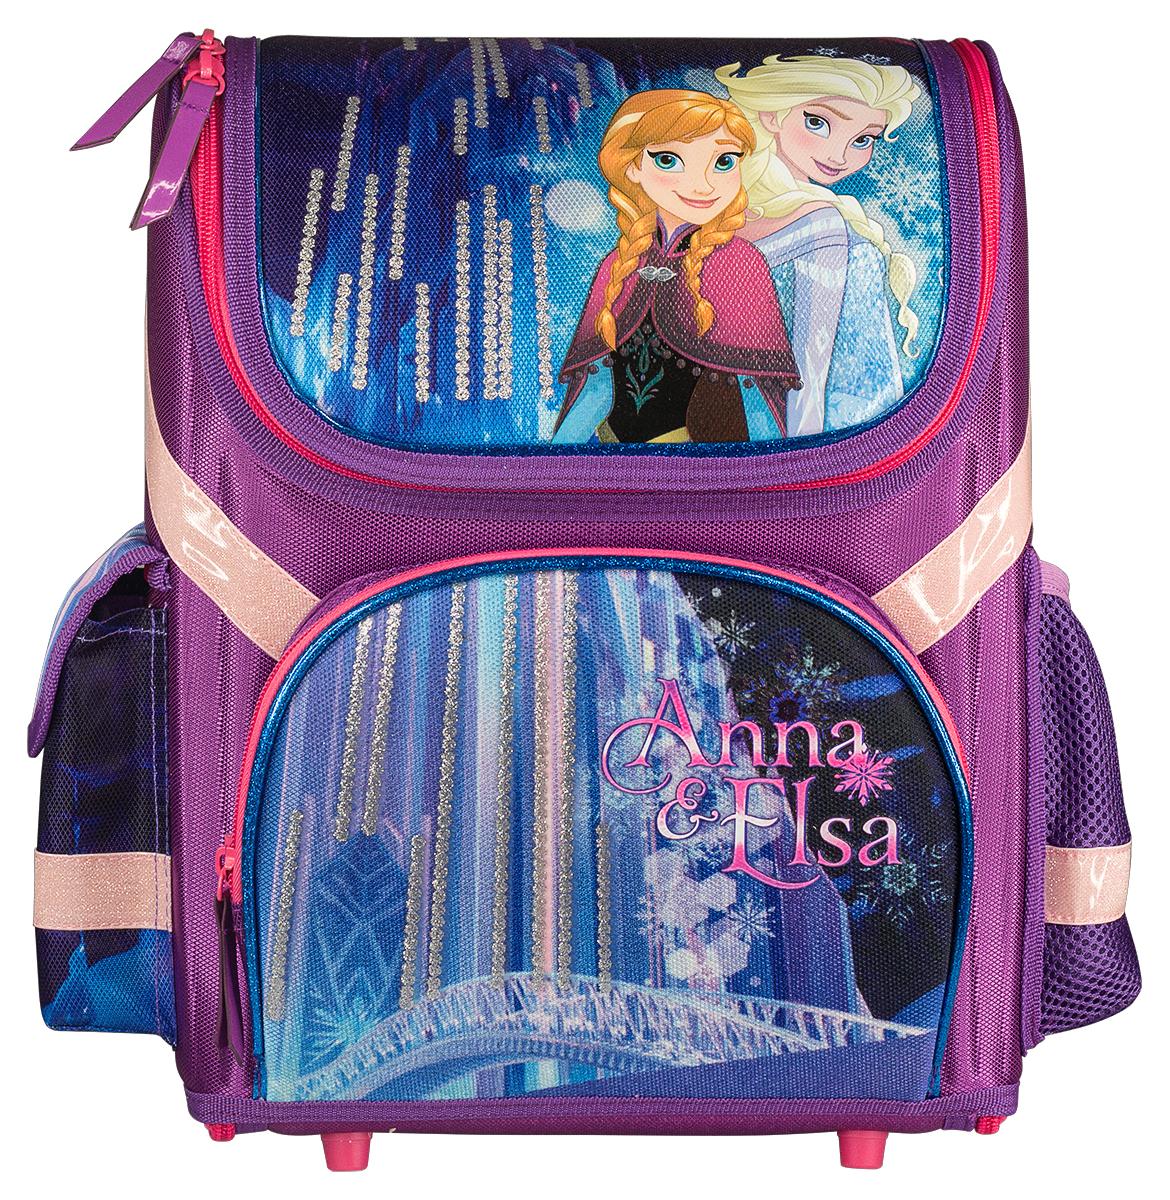 Frozen Рюкзак FrozenFZDB-UT1-116Ранец школьный, трансформер, с одним отделением на молнии, фронтальным карманом на молнии и двумя боковыми карманами; внутри отделения - два разделителя с утягивающей резинкой; корпус рюкзака, спинка, дно и крышка выполнены из EVA; лямки анатомической формы, регулируются по длине; для безопасности рюкзак снабжен светоотражающими элементами. Размер: 36 х 26 х 17 см.